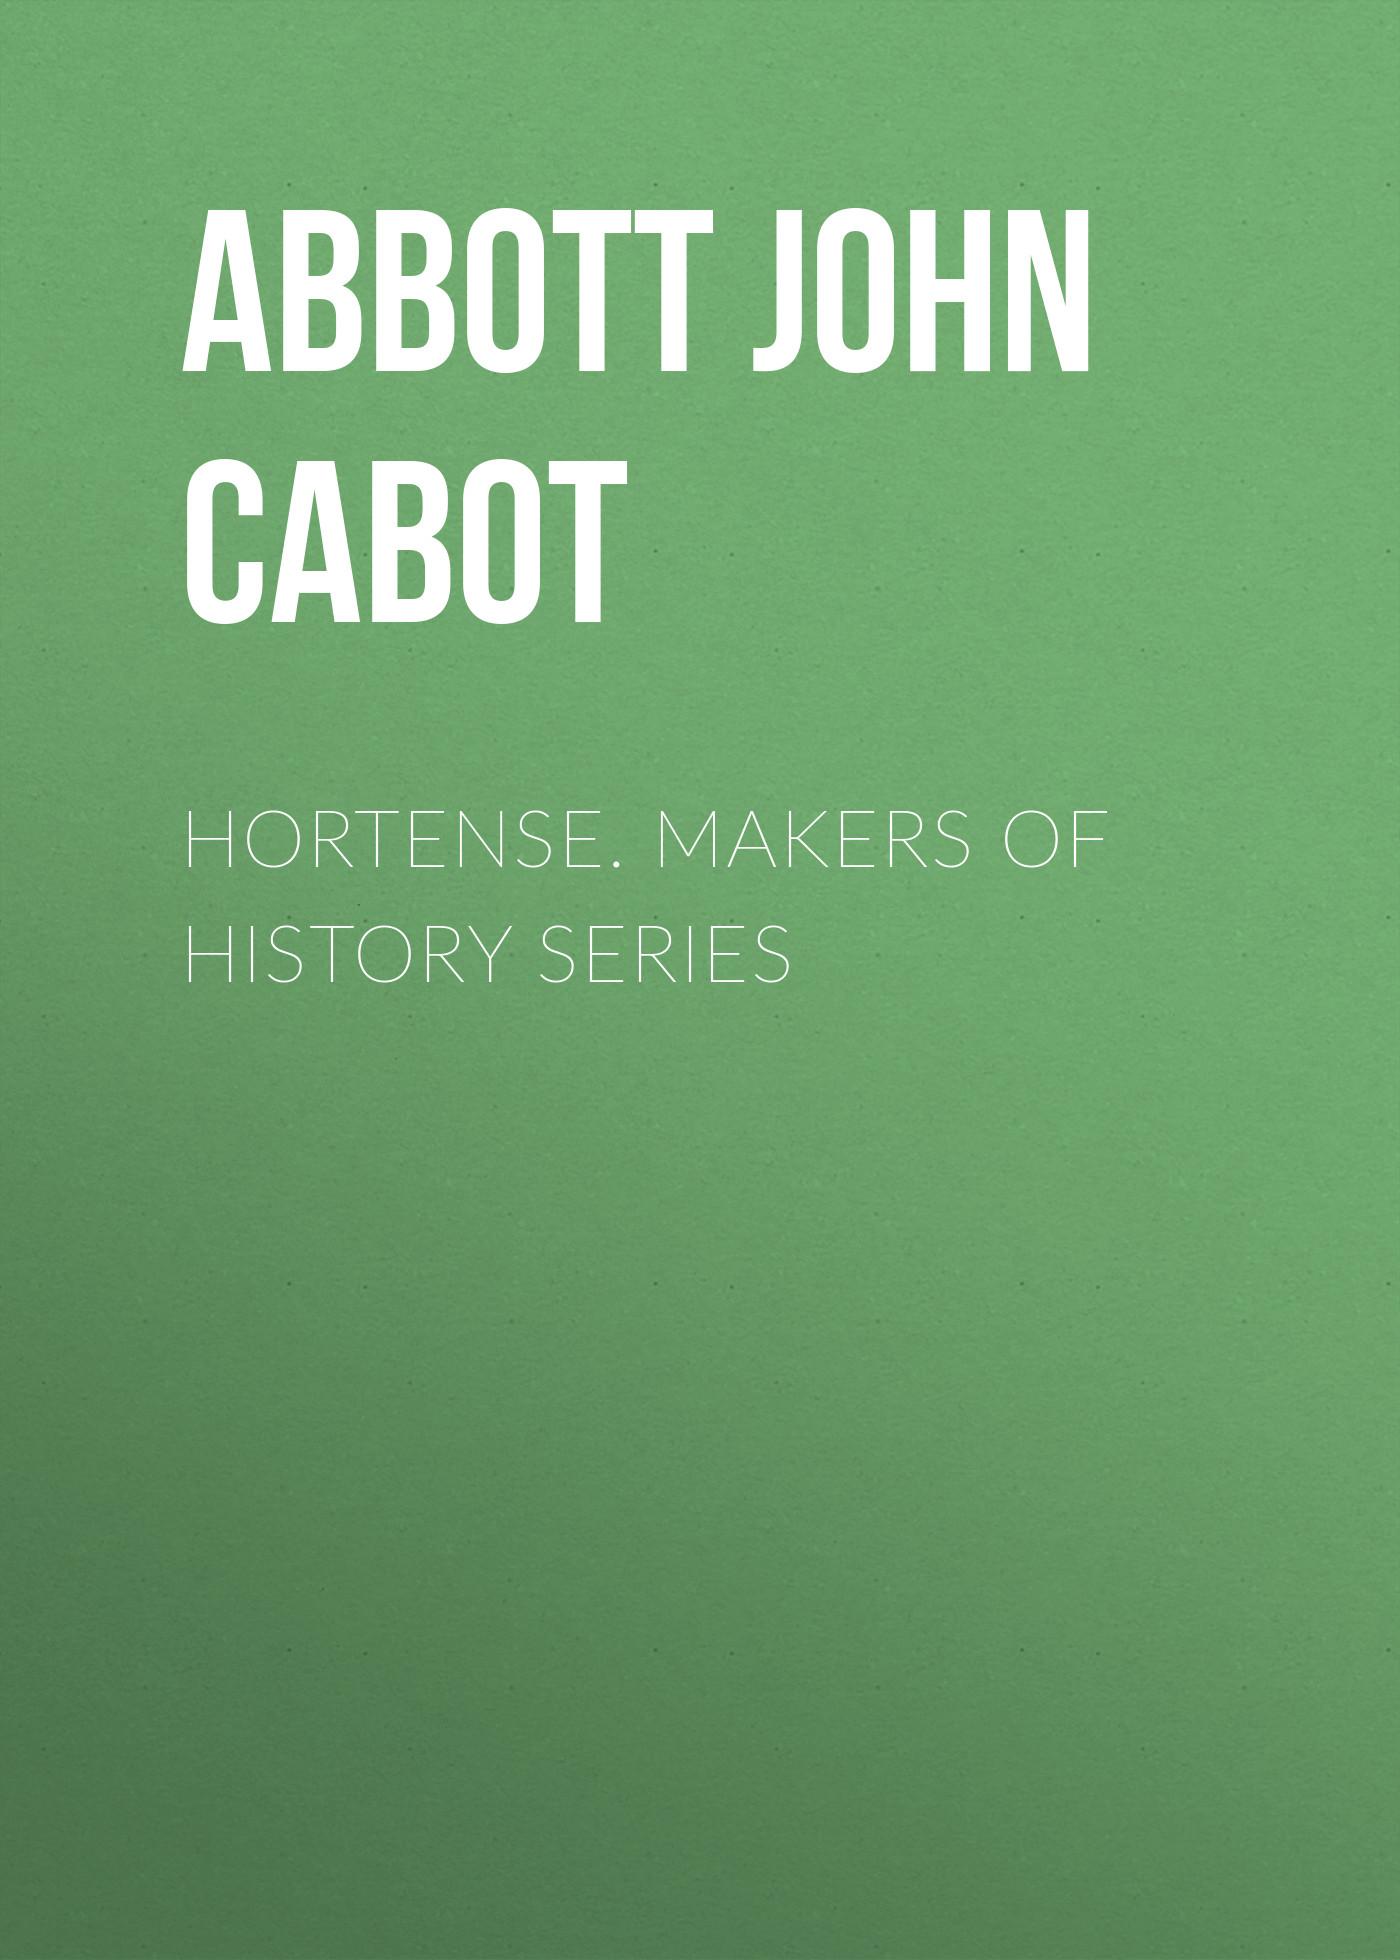 Abbott John Stevens Cabot Hortense. Makers of History Series